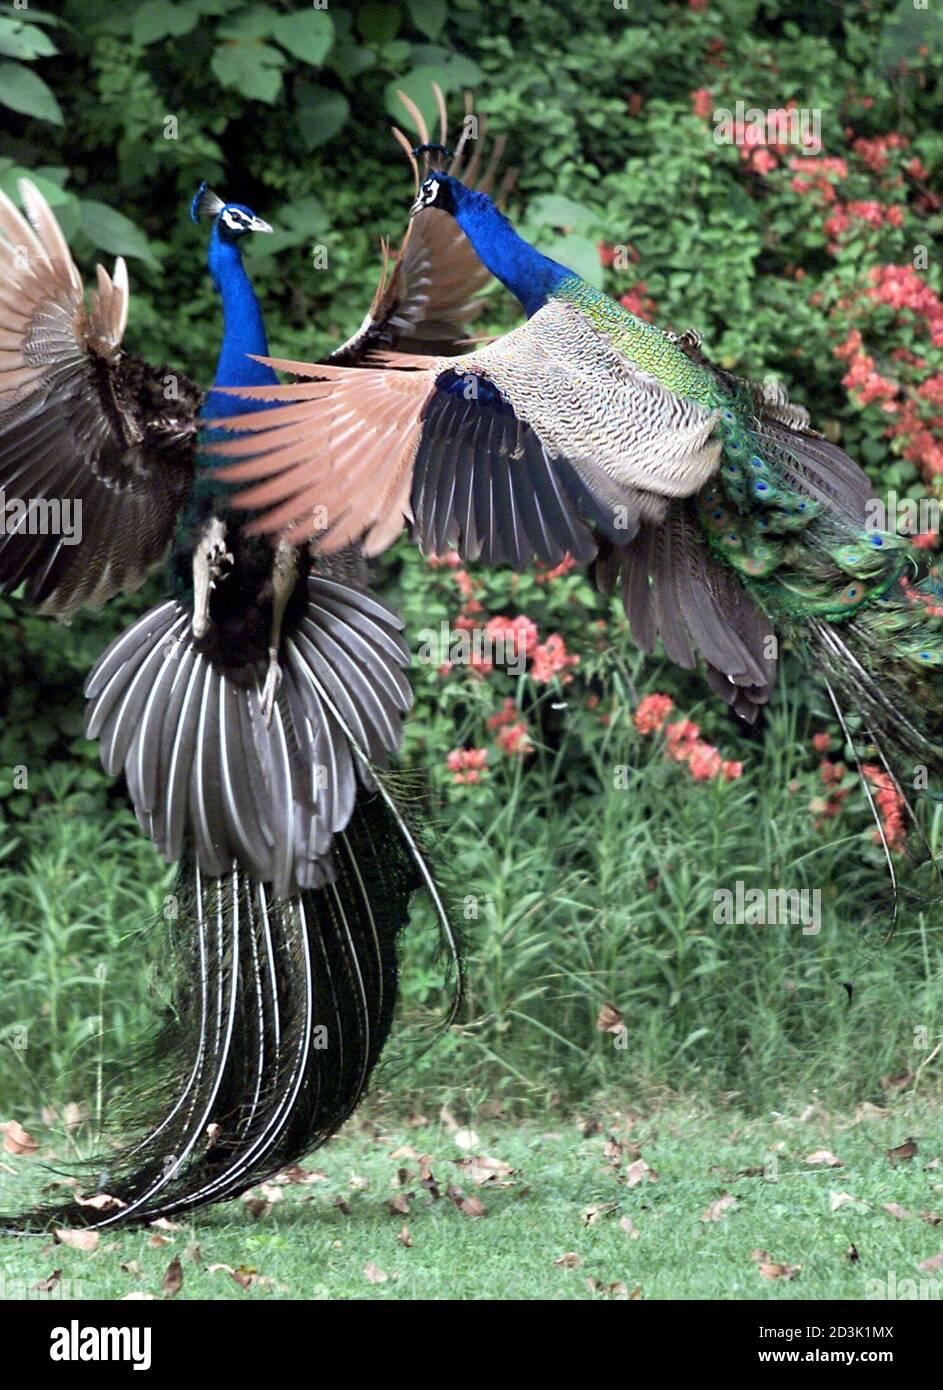 Deux paons se battent dans un parc de la capitale indienne New Delhi le 11 avril 2001. Le paon, désigné par le gouvernement comme l'oiseau national de l'Inde, est l'une des 1,288 espèces d'oiseaux qui vivent à travers le pays. PK/CP Banque D'Images